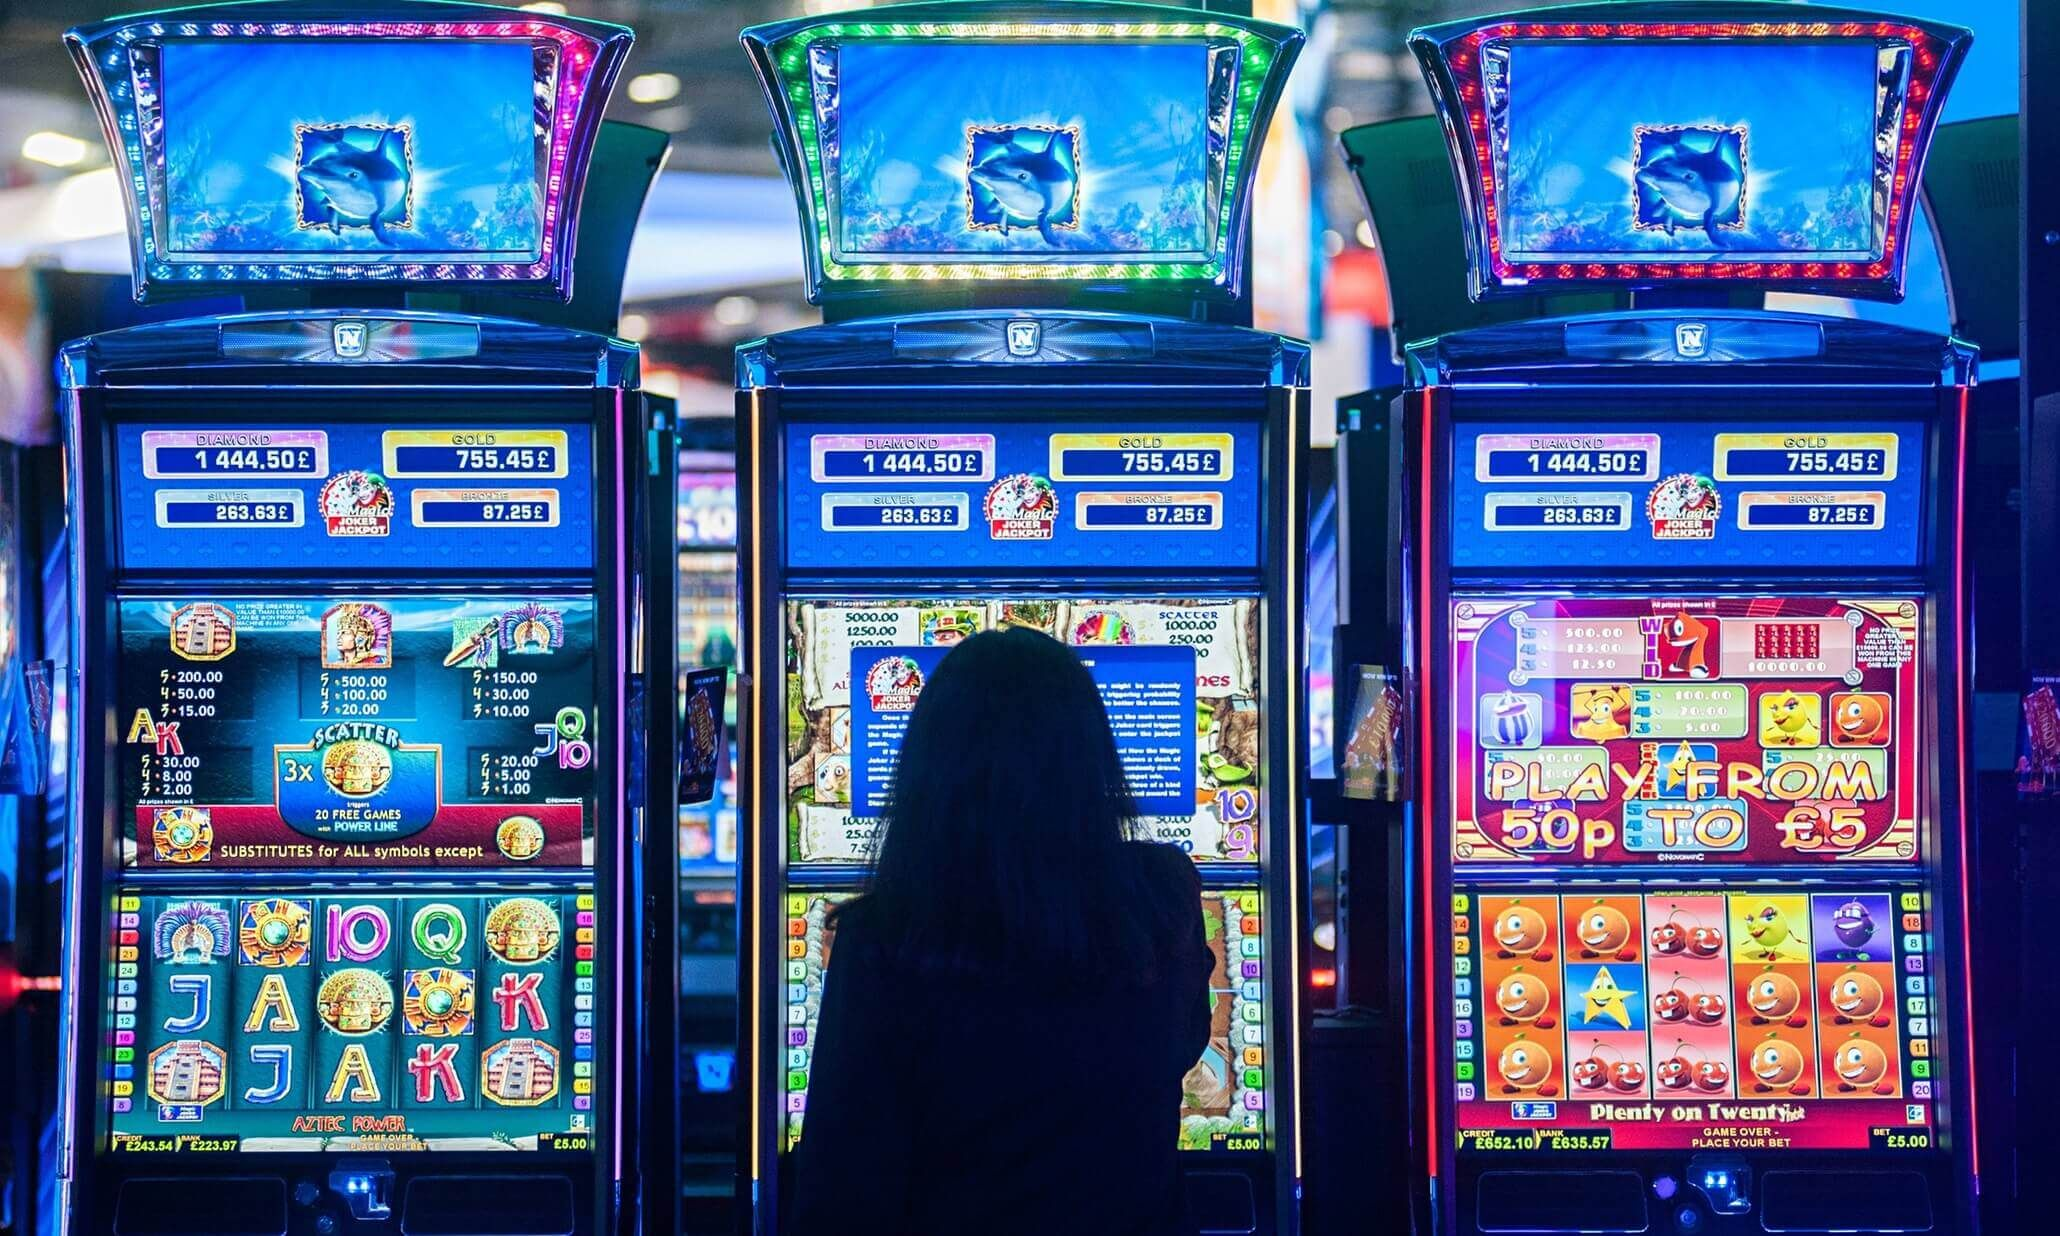 Пятерочка игровые автоматы казино играть бесплатно без регистрации без смс